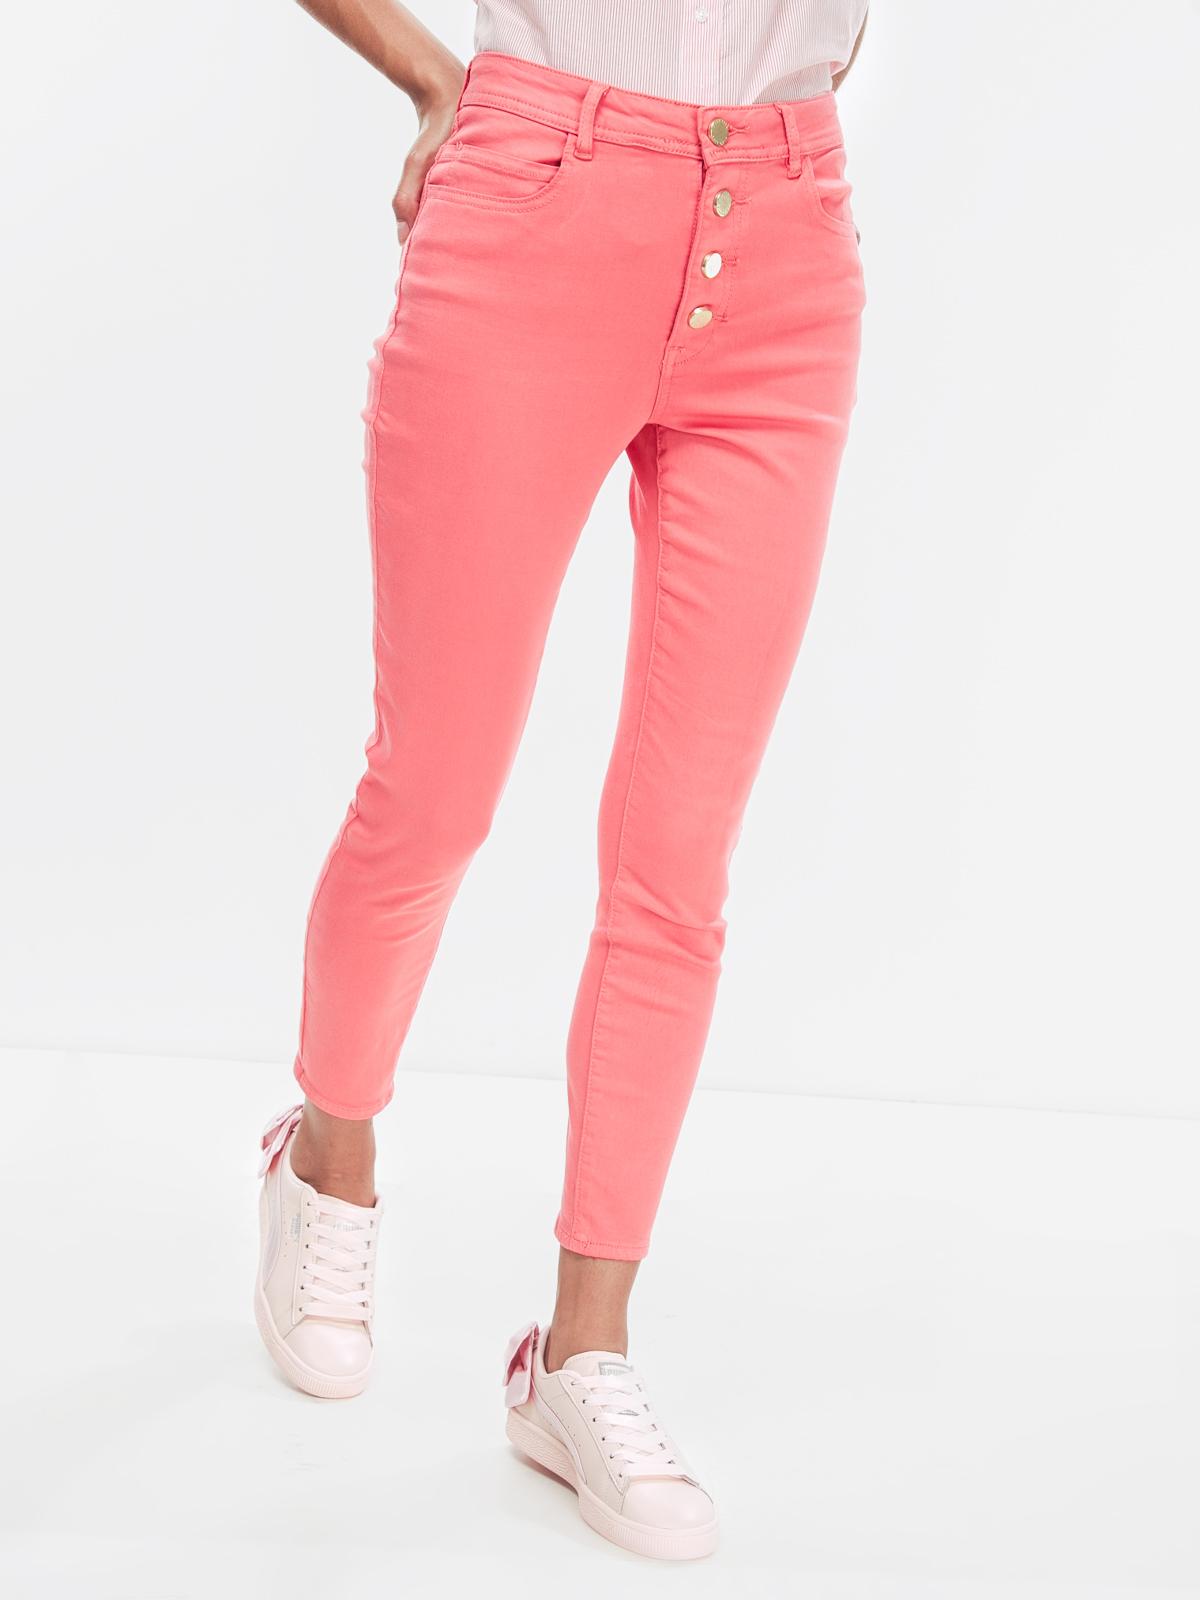 Джинсы Jennyfer Розовый Free Style